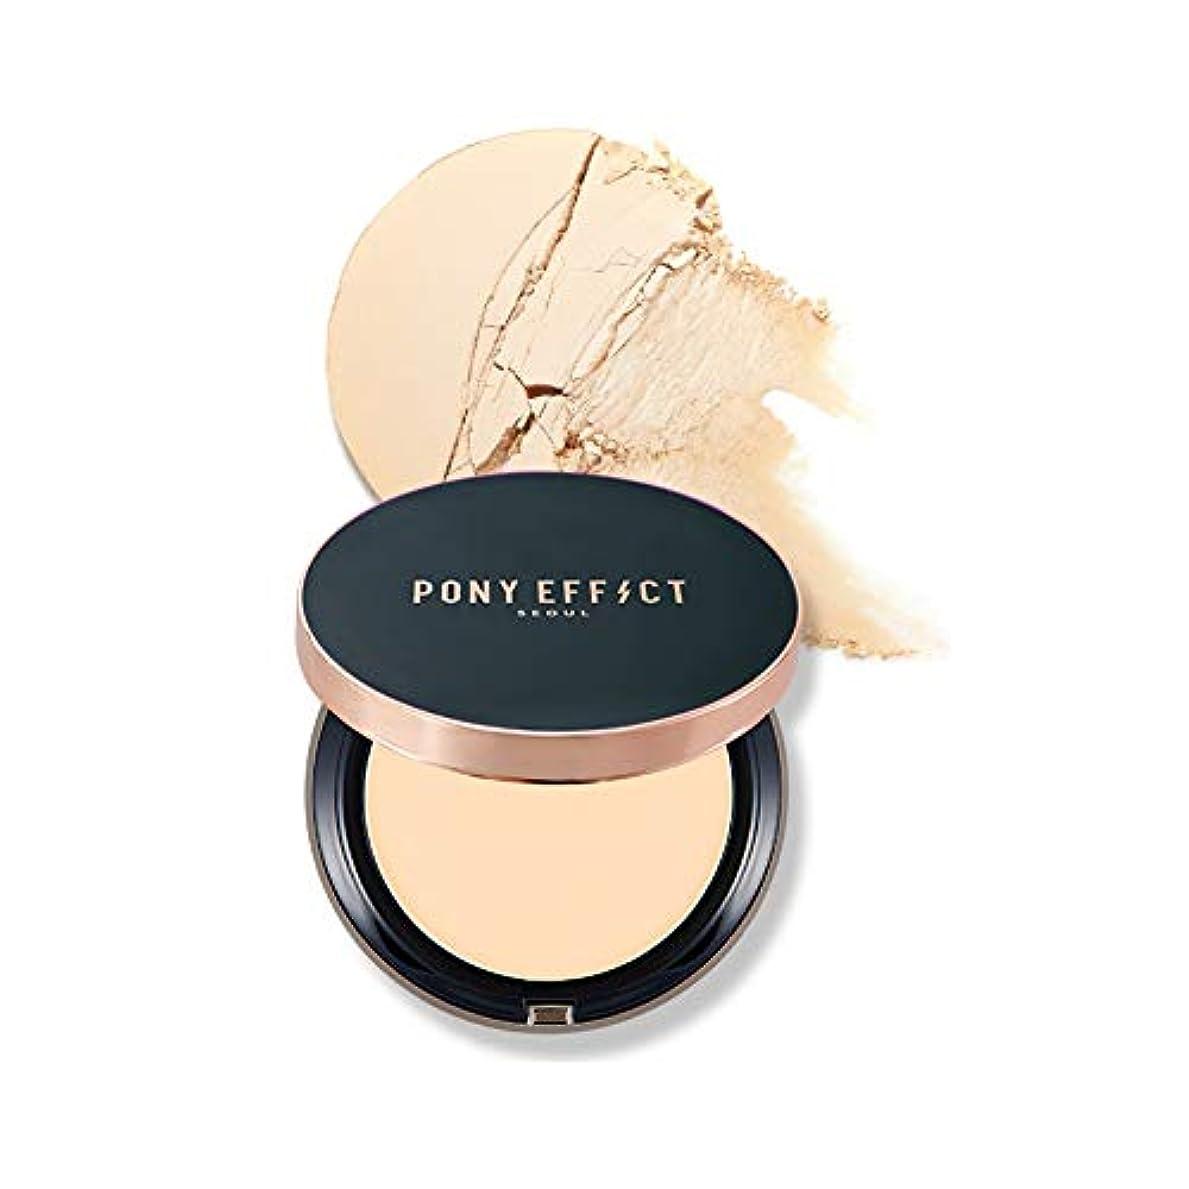 仮定するにもかかわらず手足[1+1] [ギフト付き] Pony Effect ポニー エフェクト カバー フィット パウダー ファンデーション SPF40/PA +++ / Pony Effect Cover Fit Powder Foundation (ロージー アイボリー (ROSY IVORY))